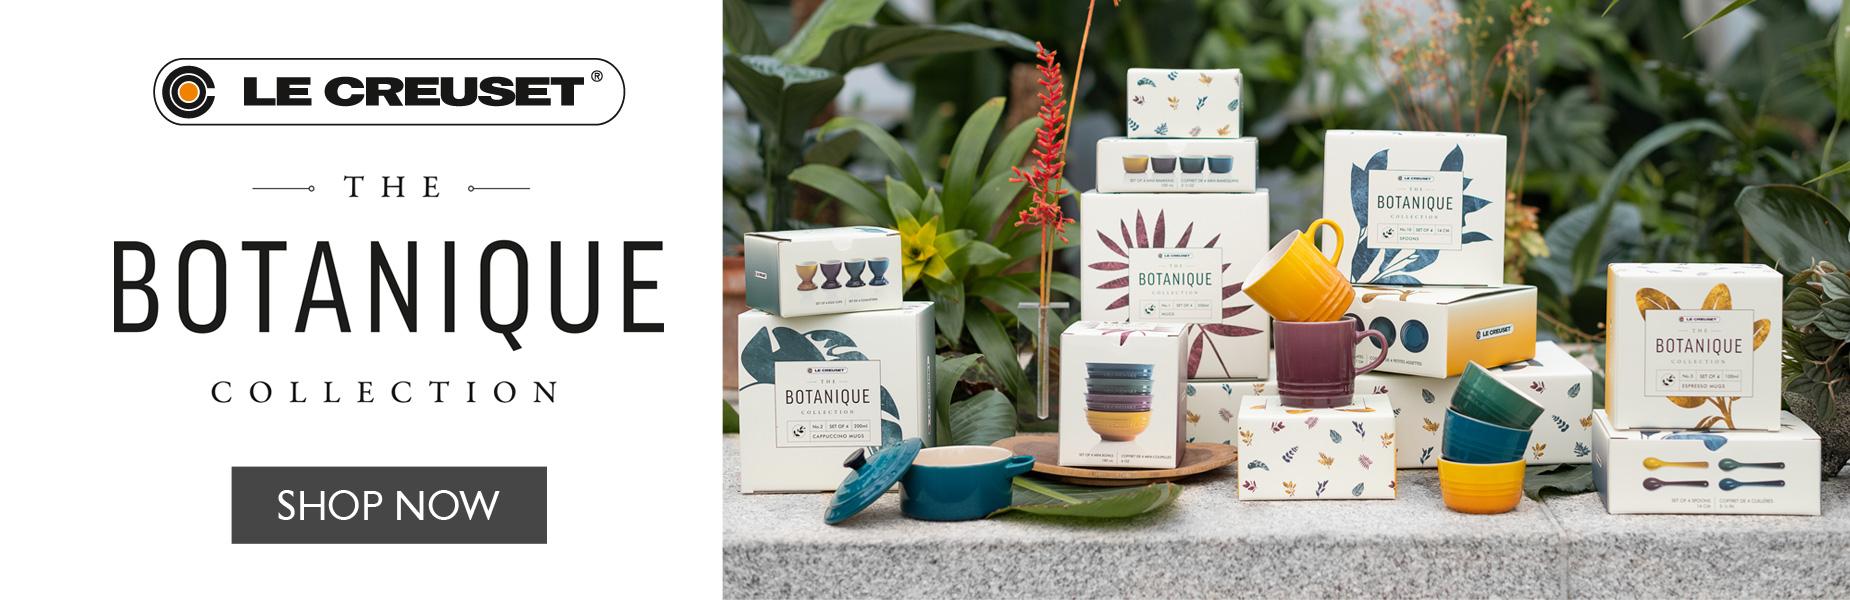 Le Creuset Botanique Collection | Shop Now